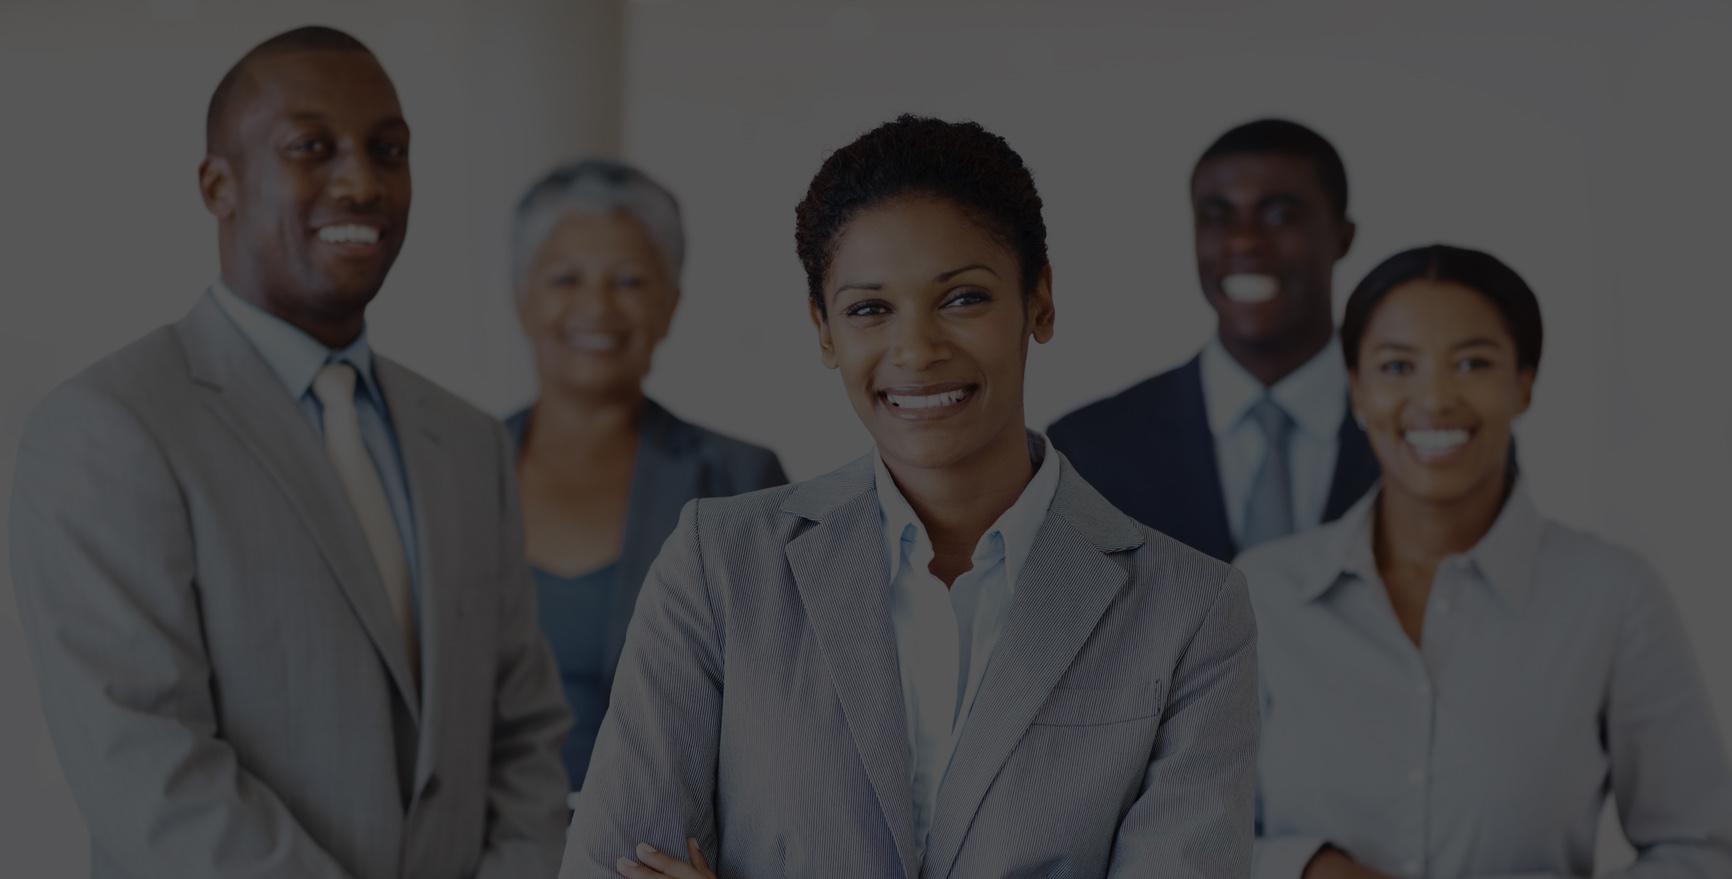 Capital Connoisseur Group